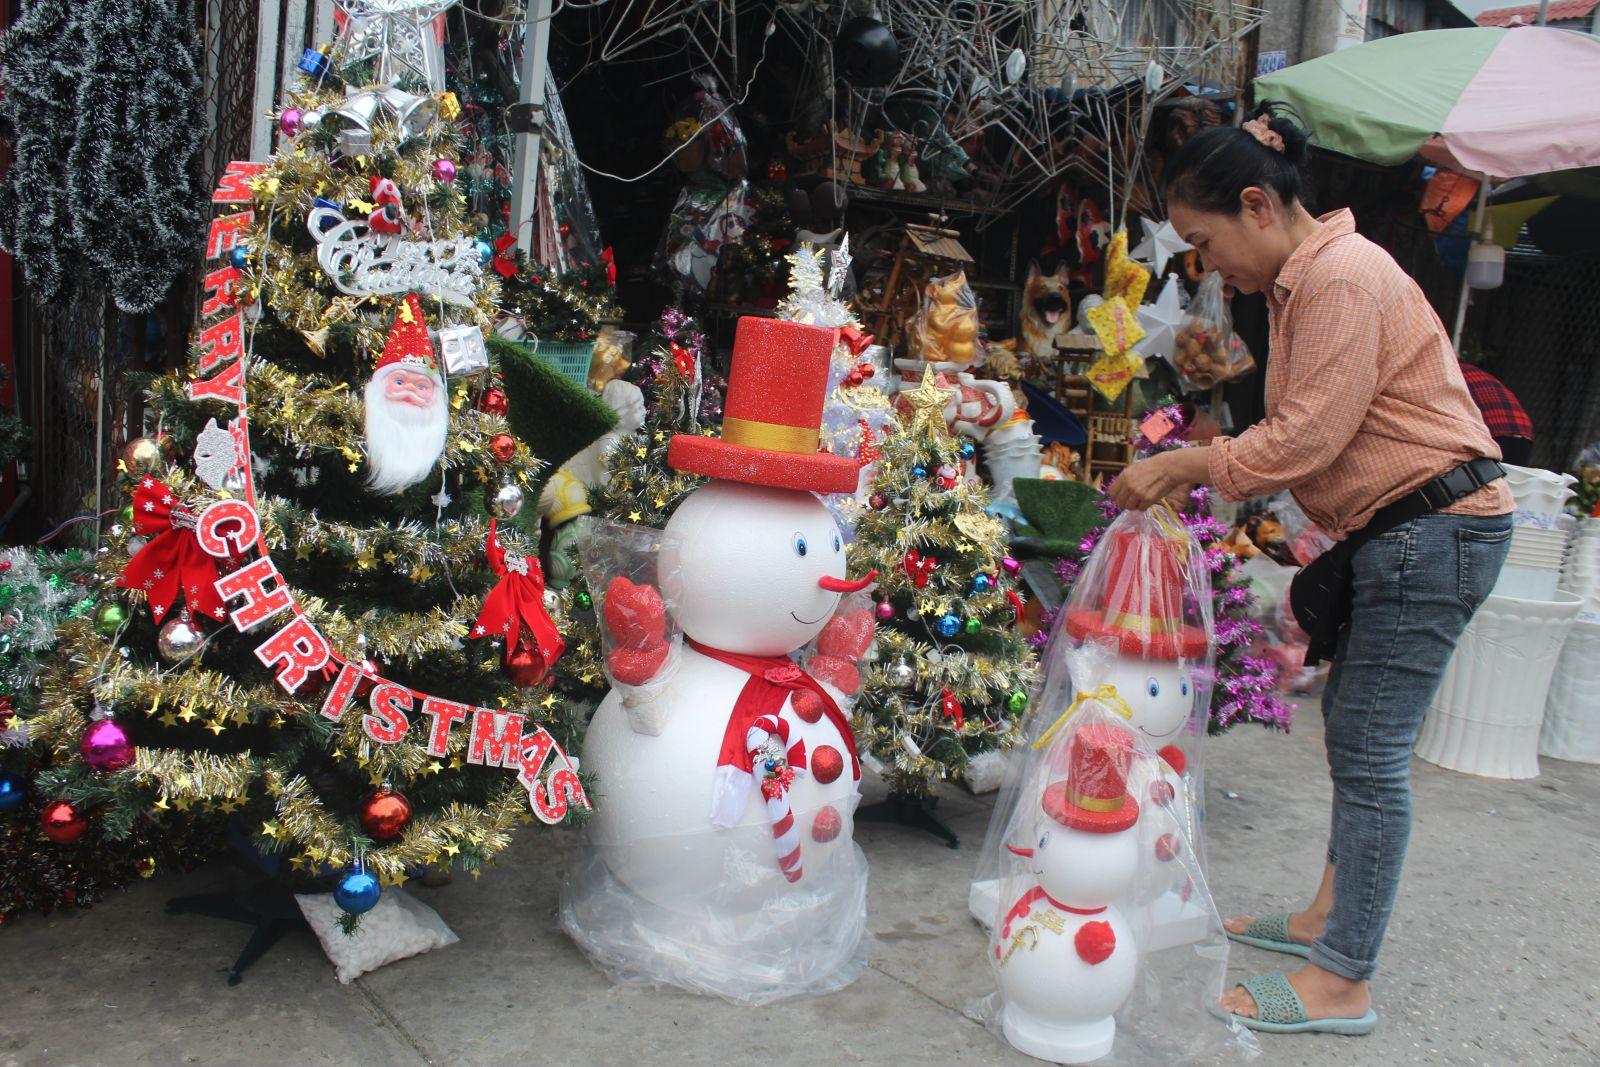 Hiện nay, giá các sản phẩm đặc trưng của mùa Noel tăng khoảng 10%